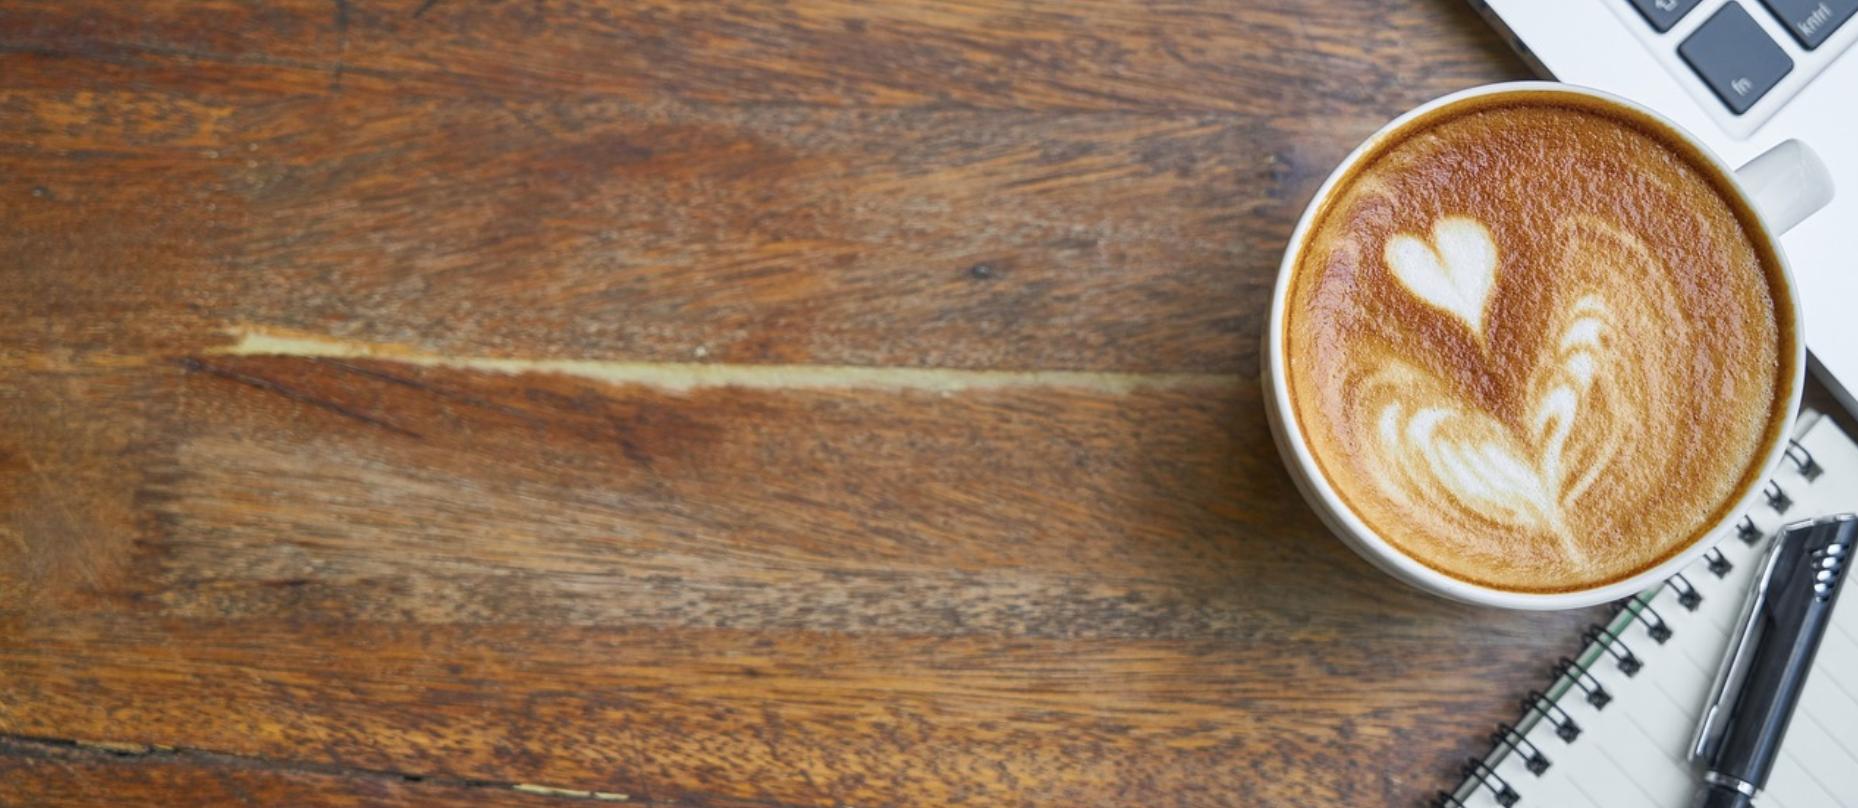 reggeli rutin kávé, ébredés, munka